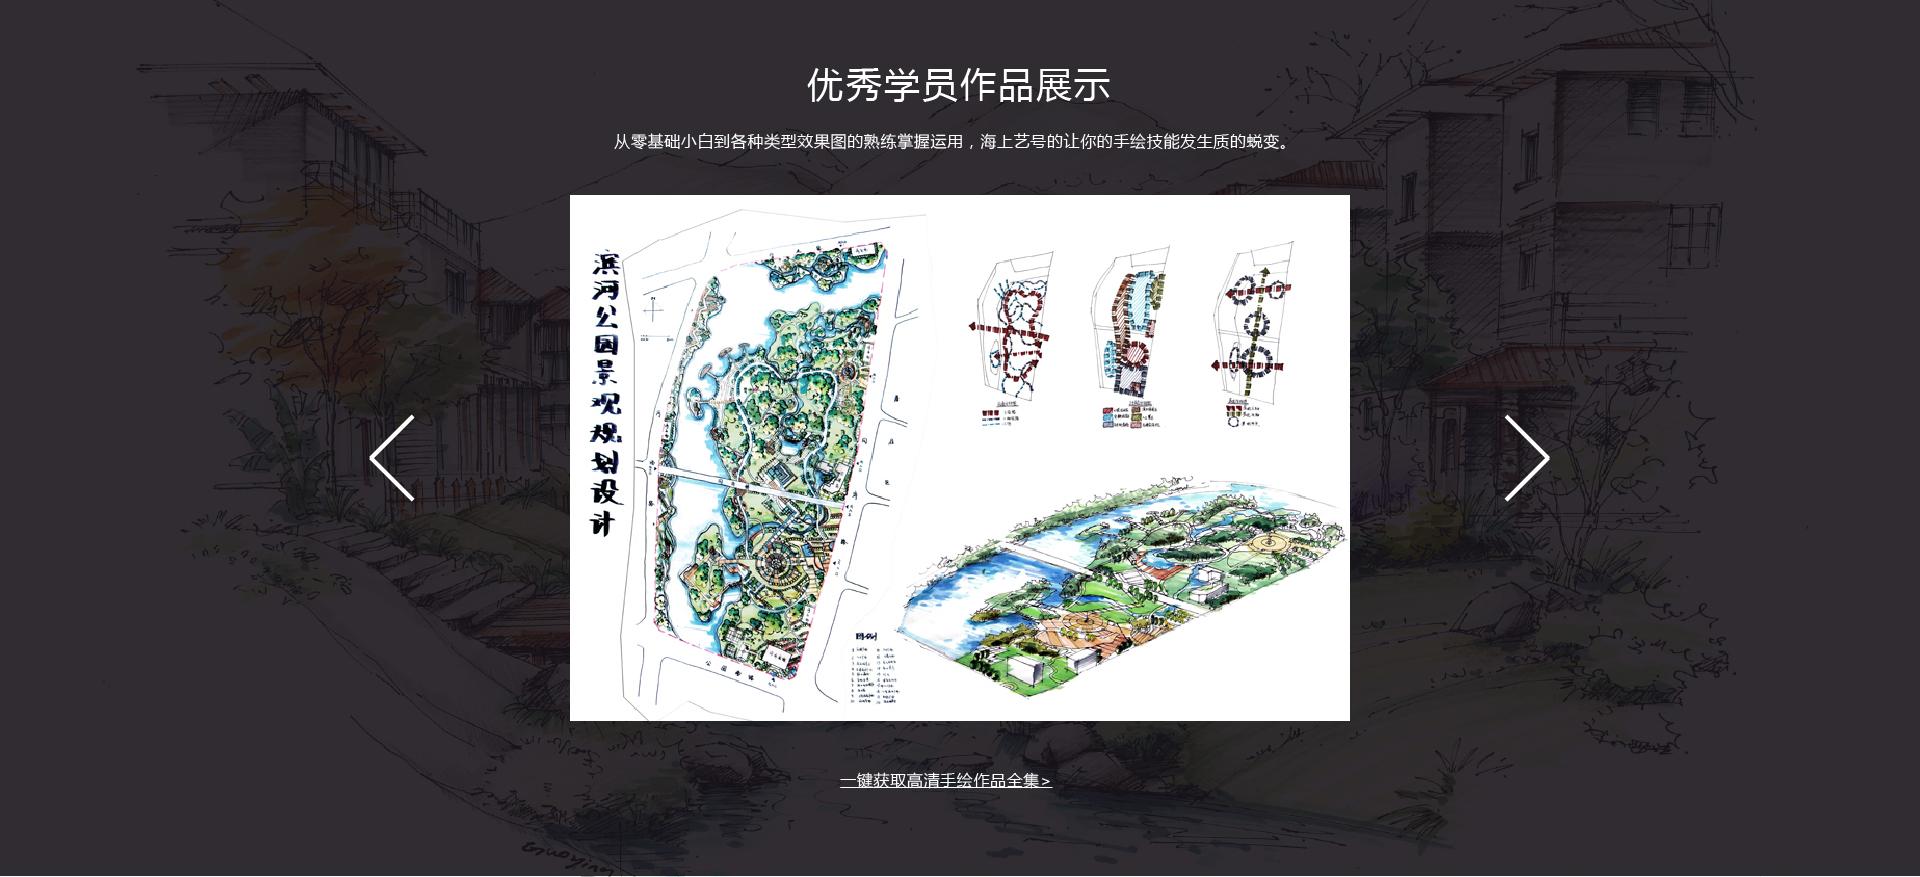 景观快题_12.jpg